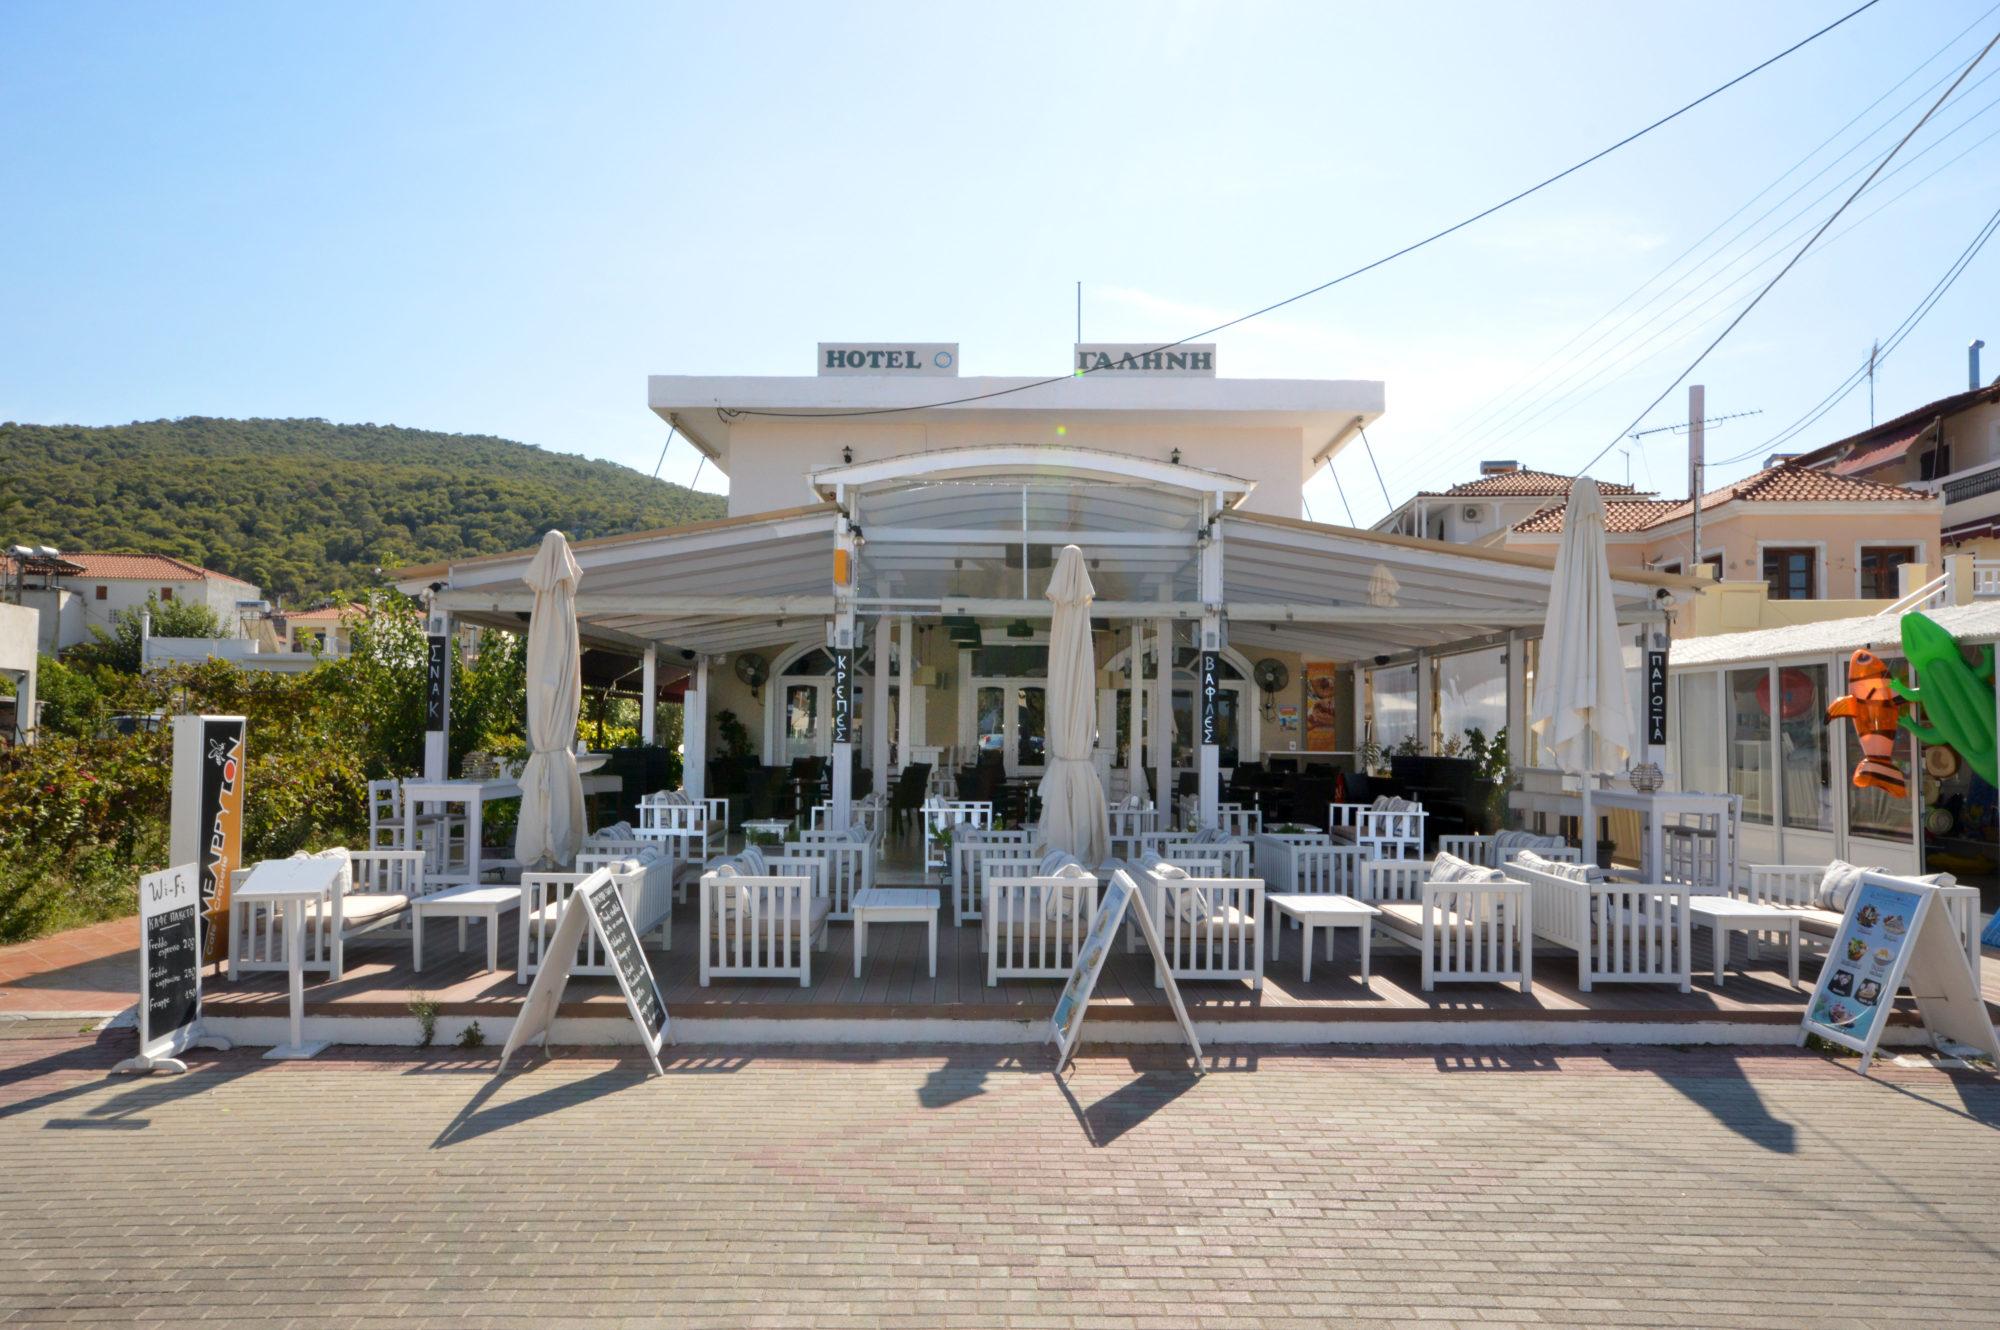 Μελίρυτον café-creperie – Hotel Γαλήνη